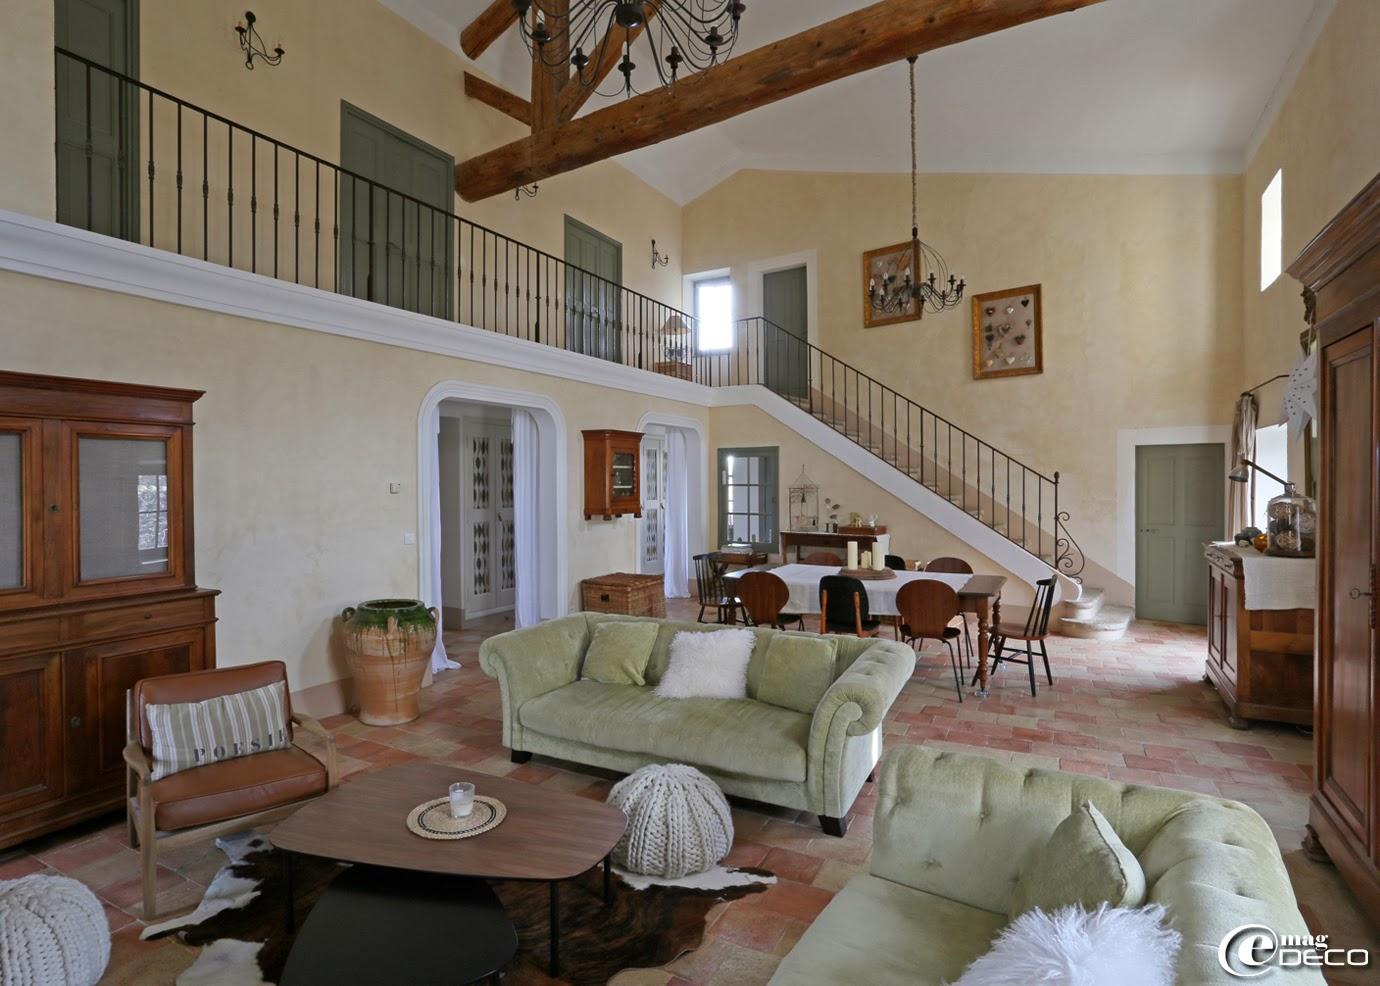 Vente immobilière dans le Gard